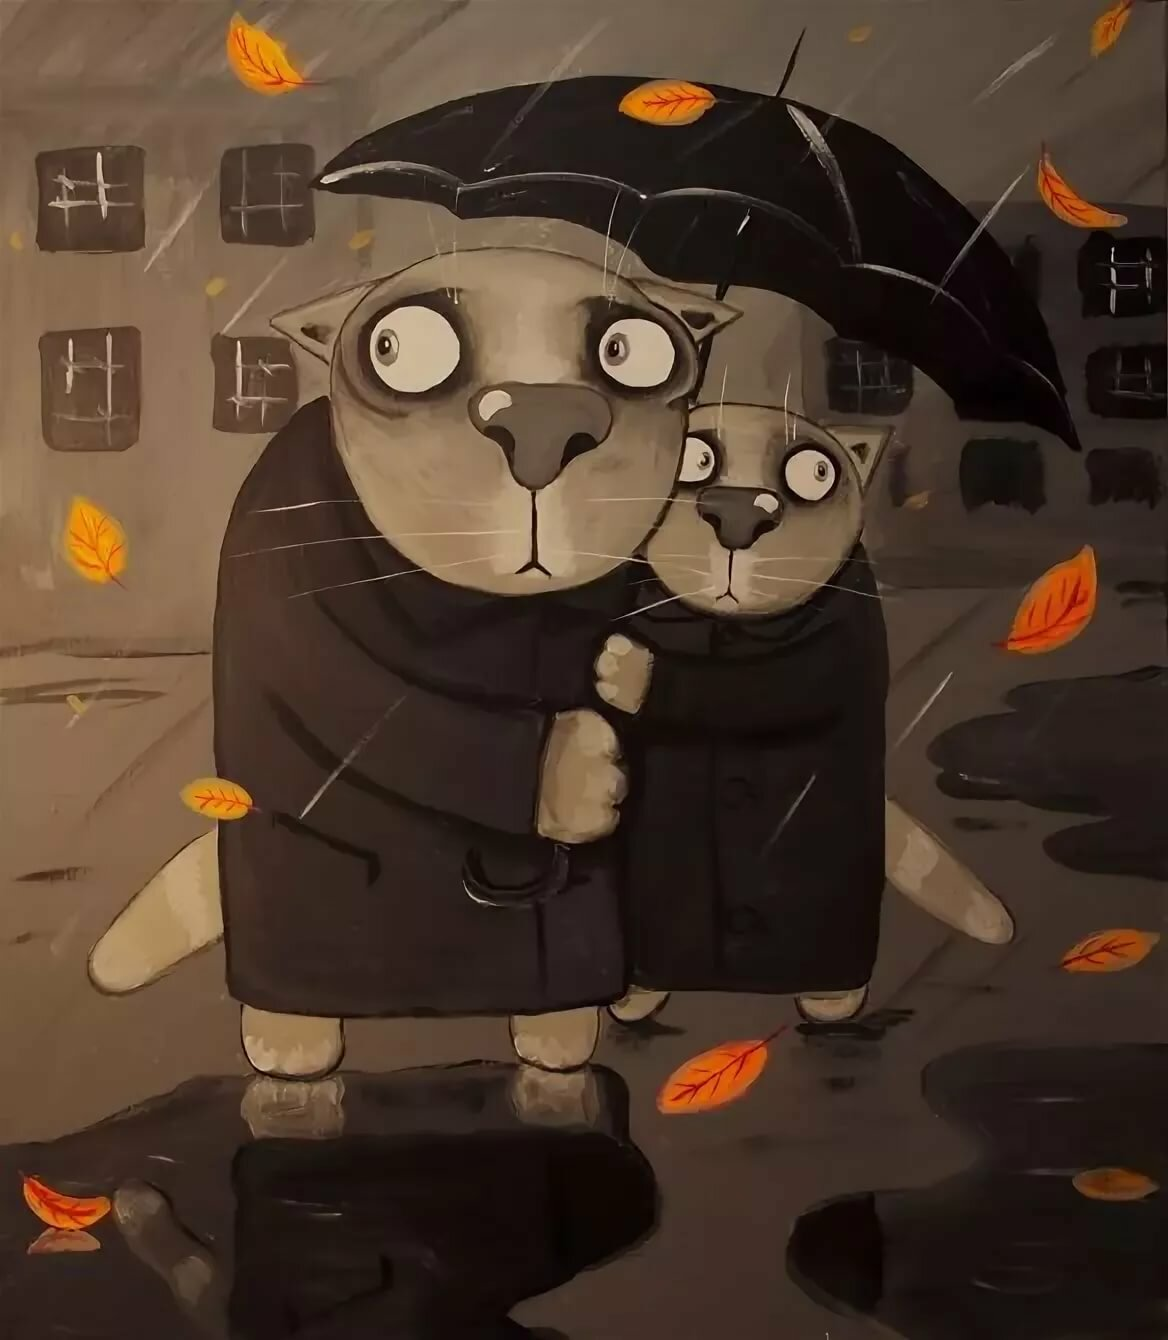 Прикольные картинки кто тут котиков не любит, днем бухгалтера